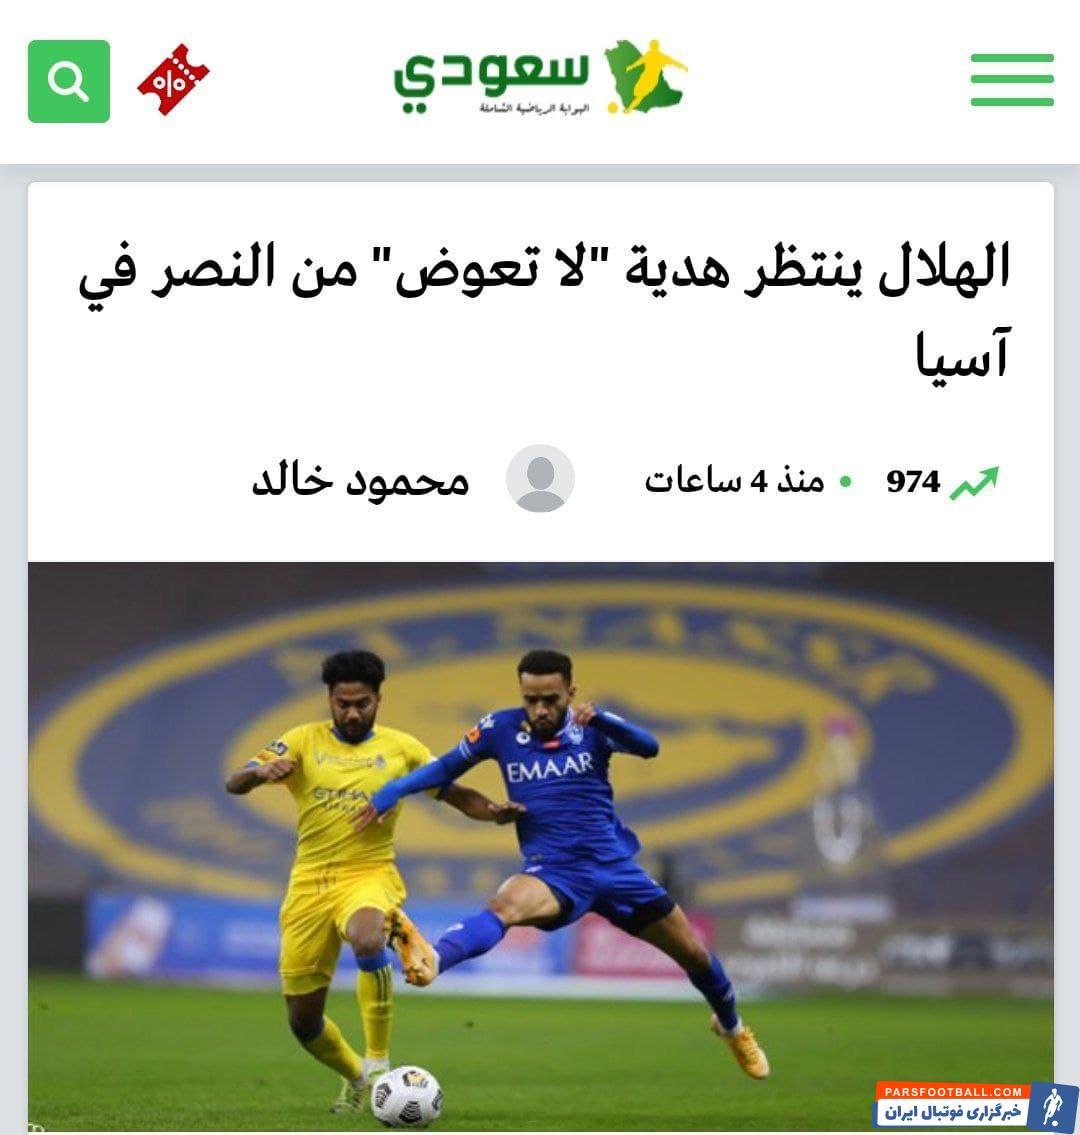 خبر عجیب روزنامه سعودی اسپورت علیه پرسپولیس : الهلال منتظر صدور رای شکایت النصر از سرخ ها